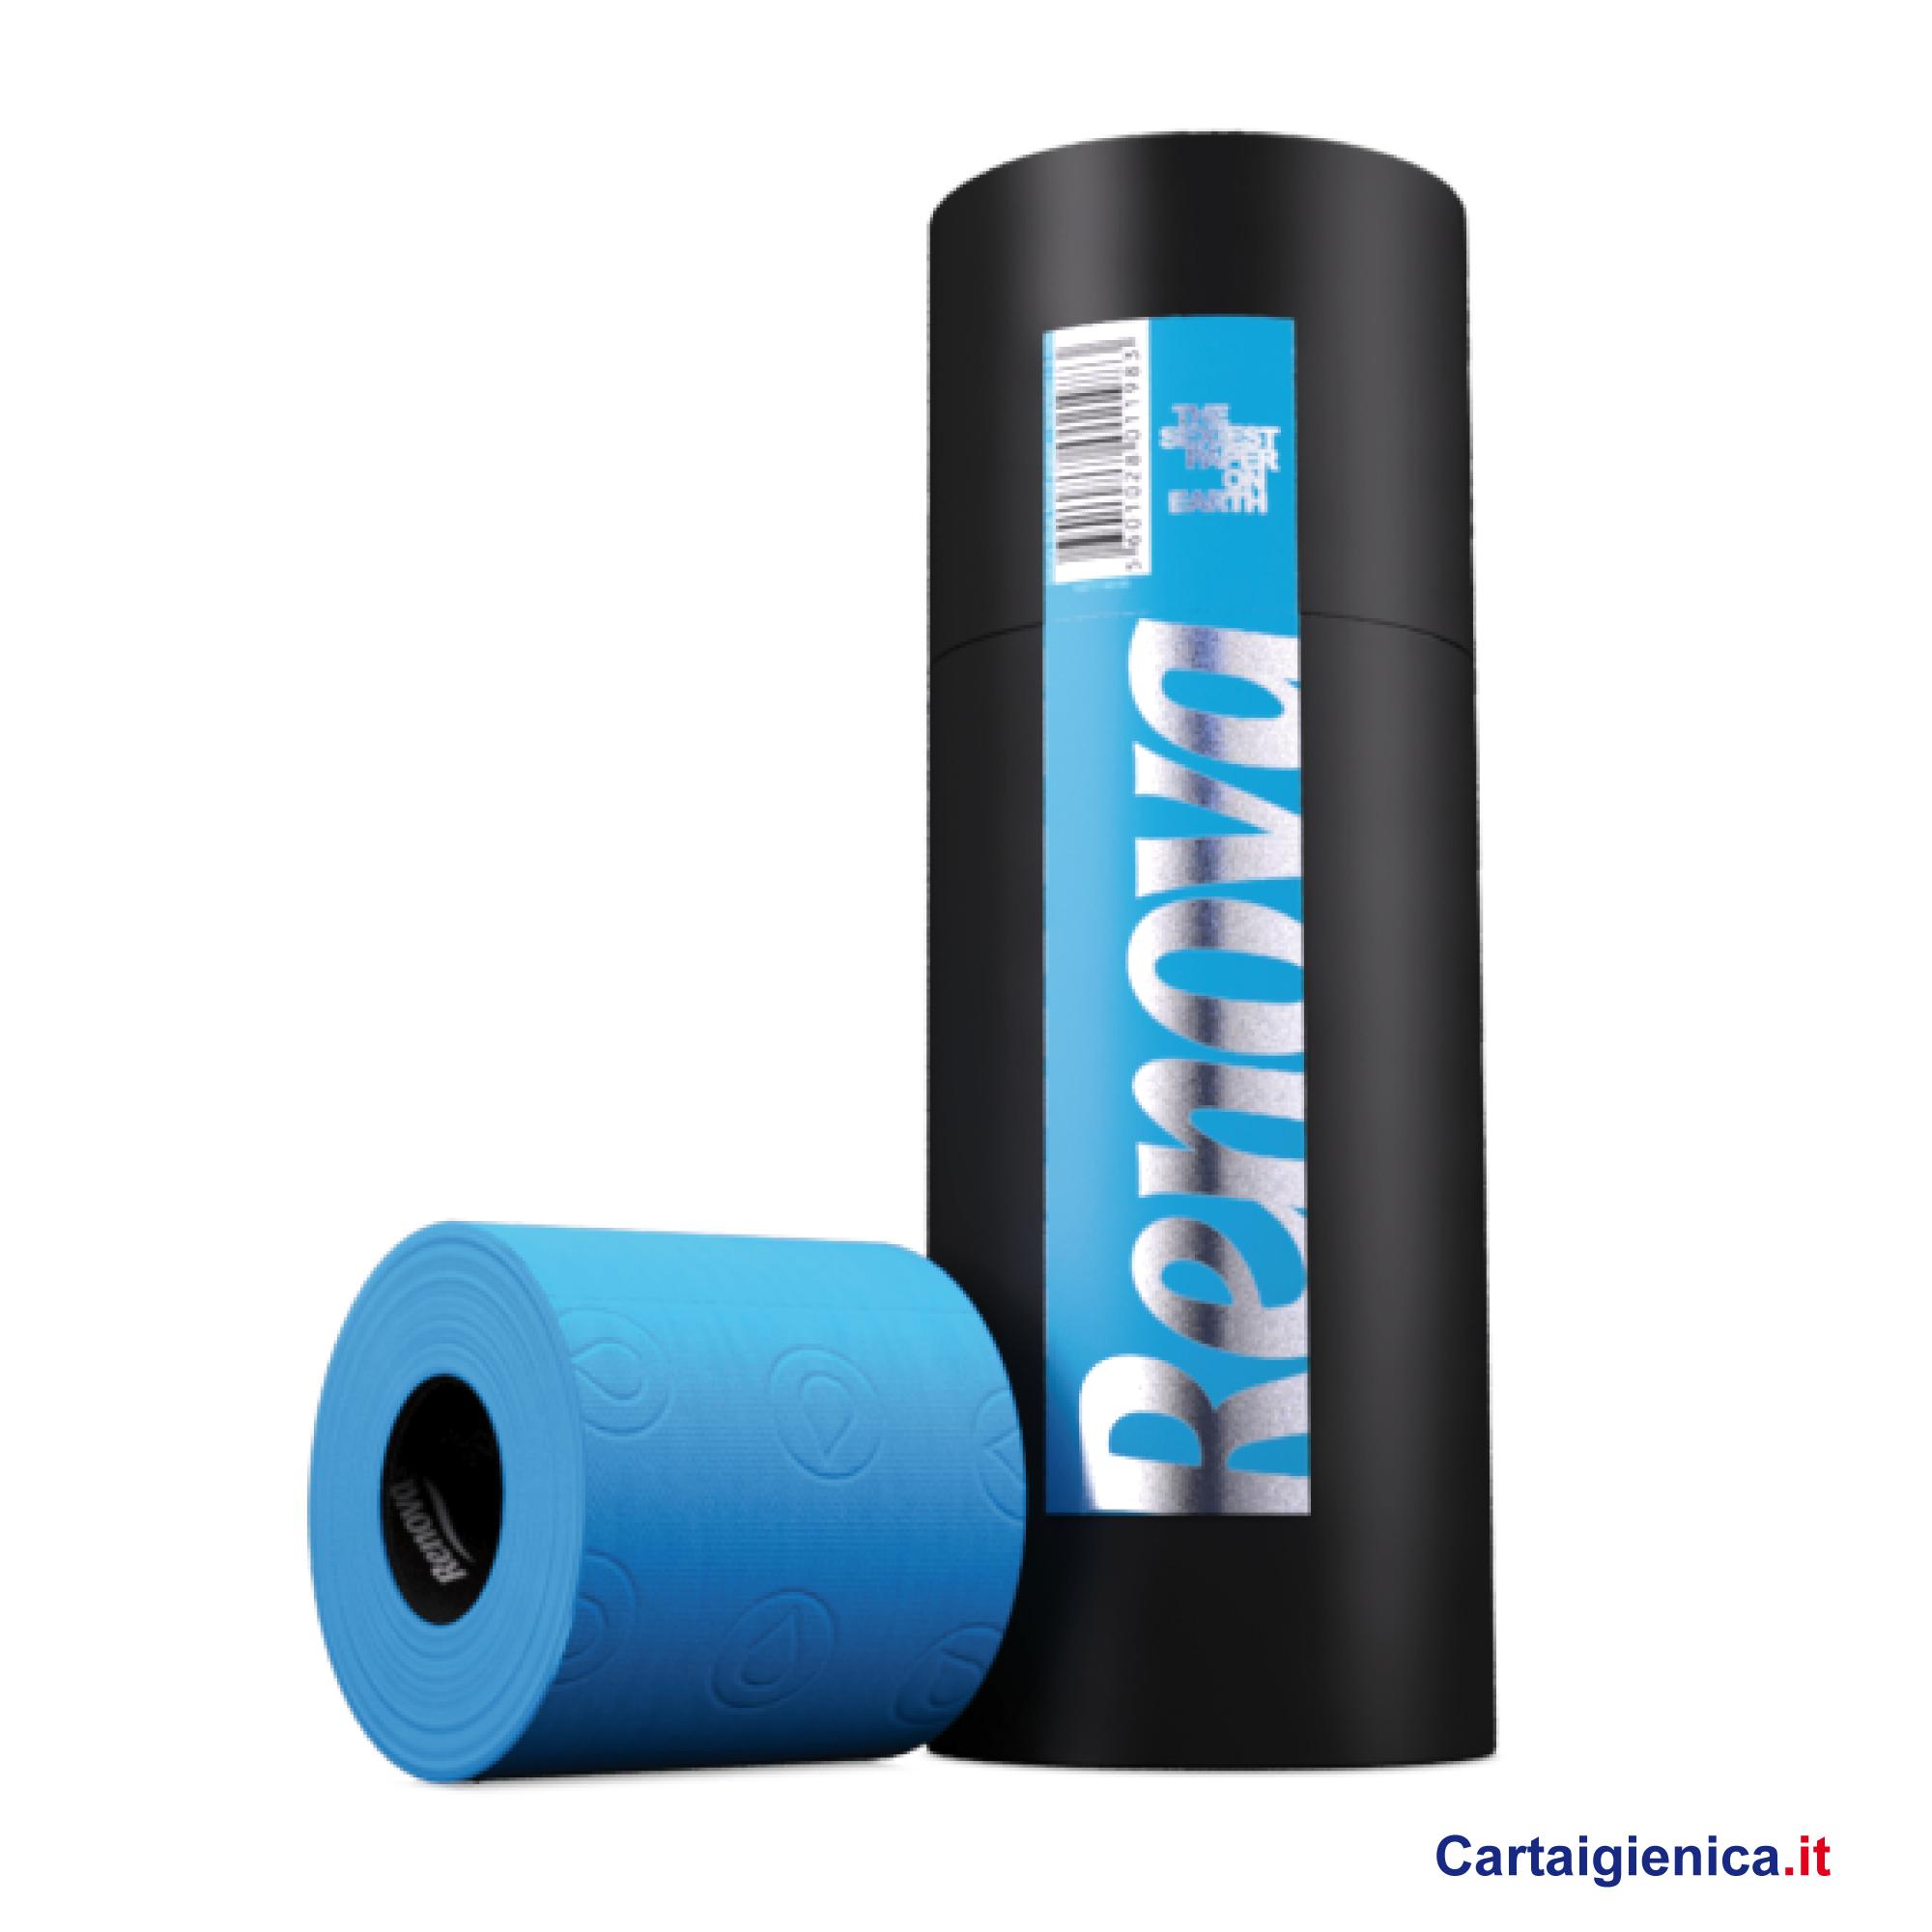 renova carta igienica colorata azzurra tubo 3 rotoli cartaigienica.it